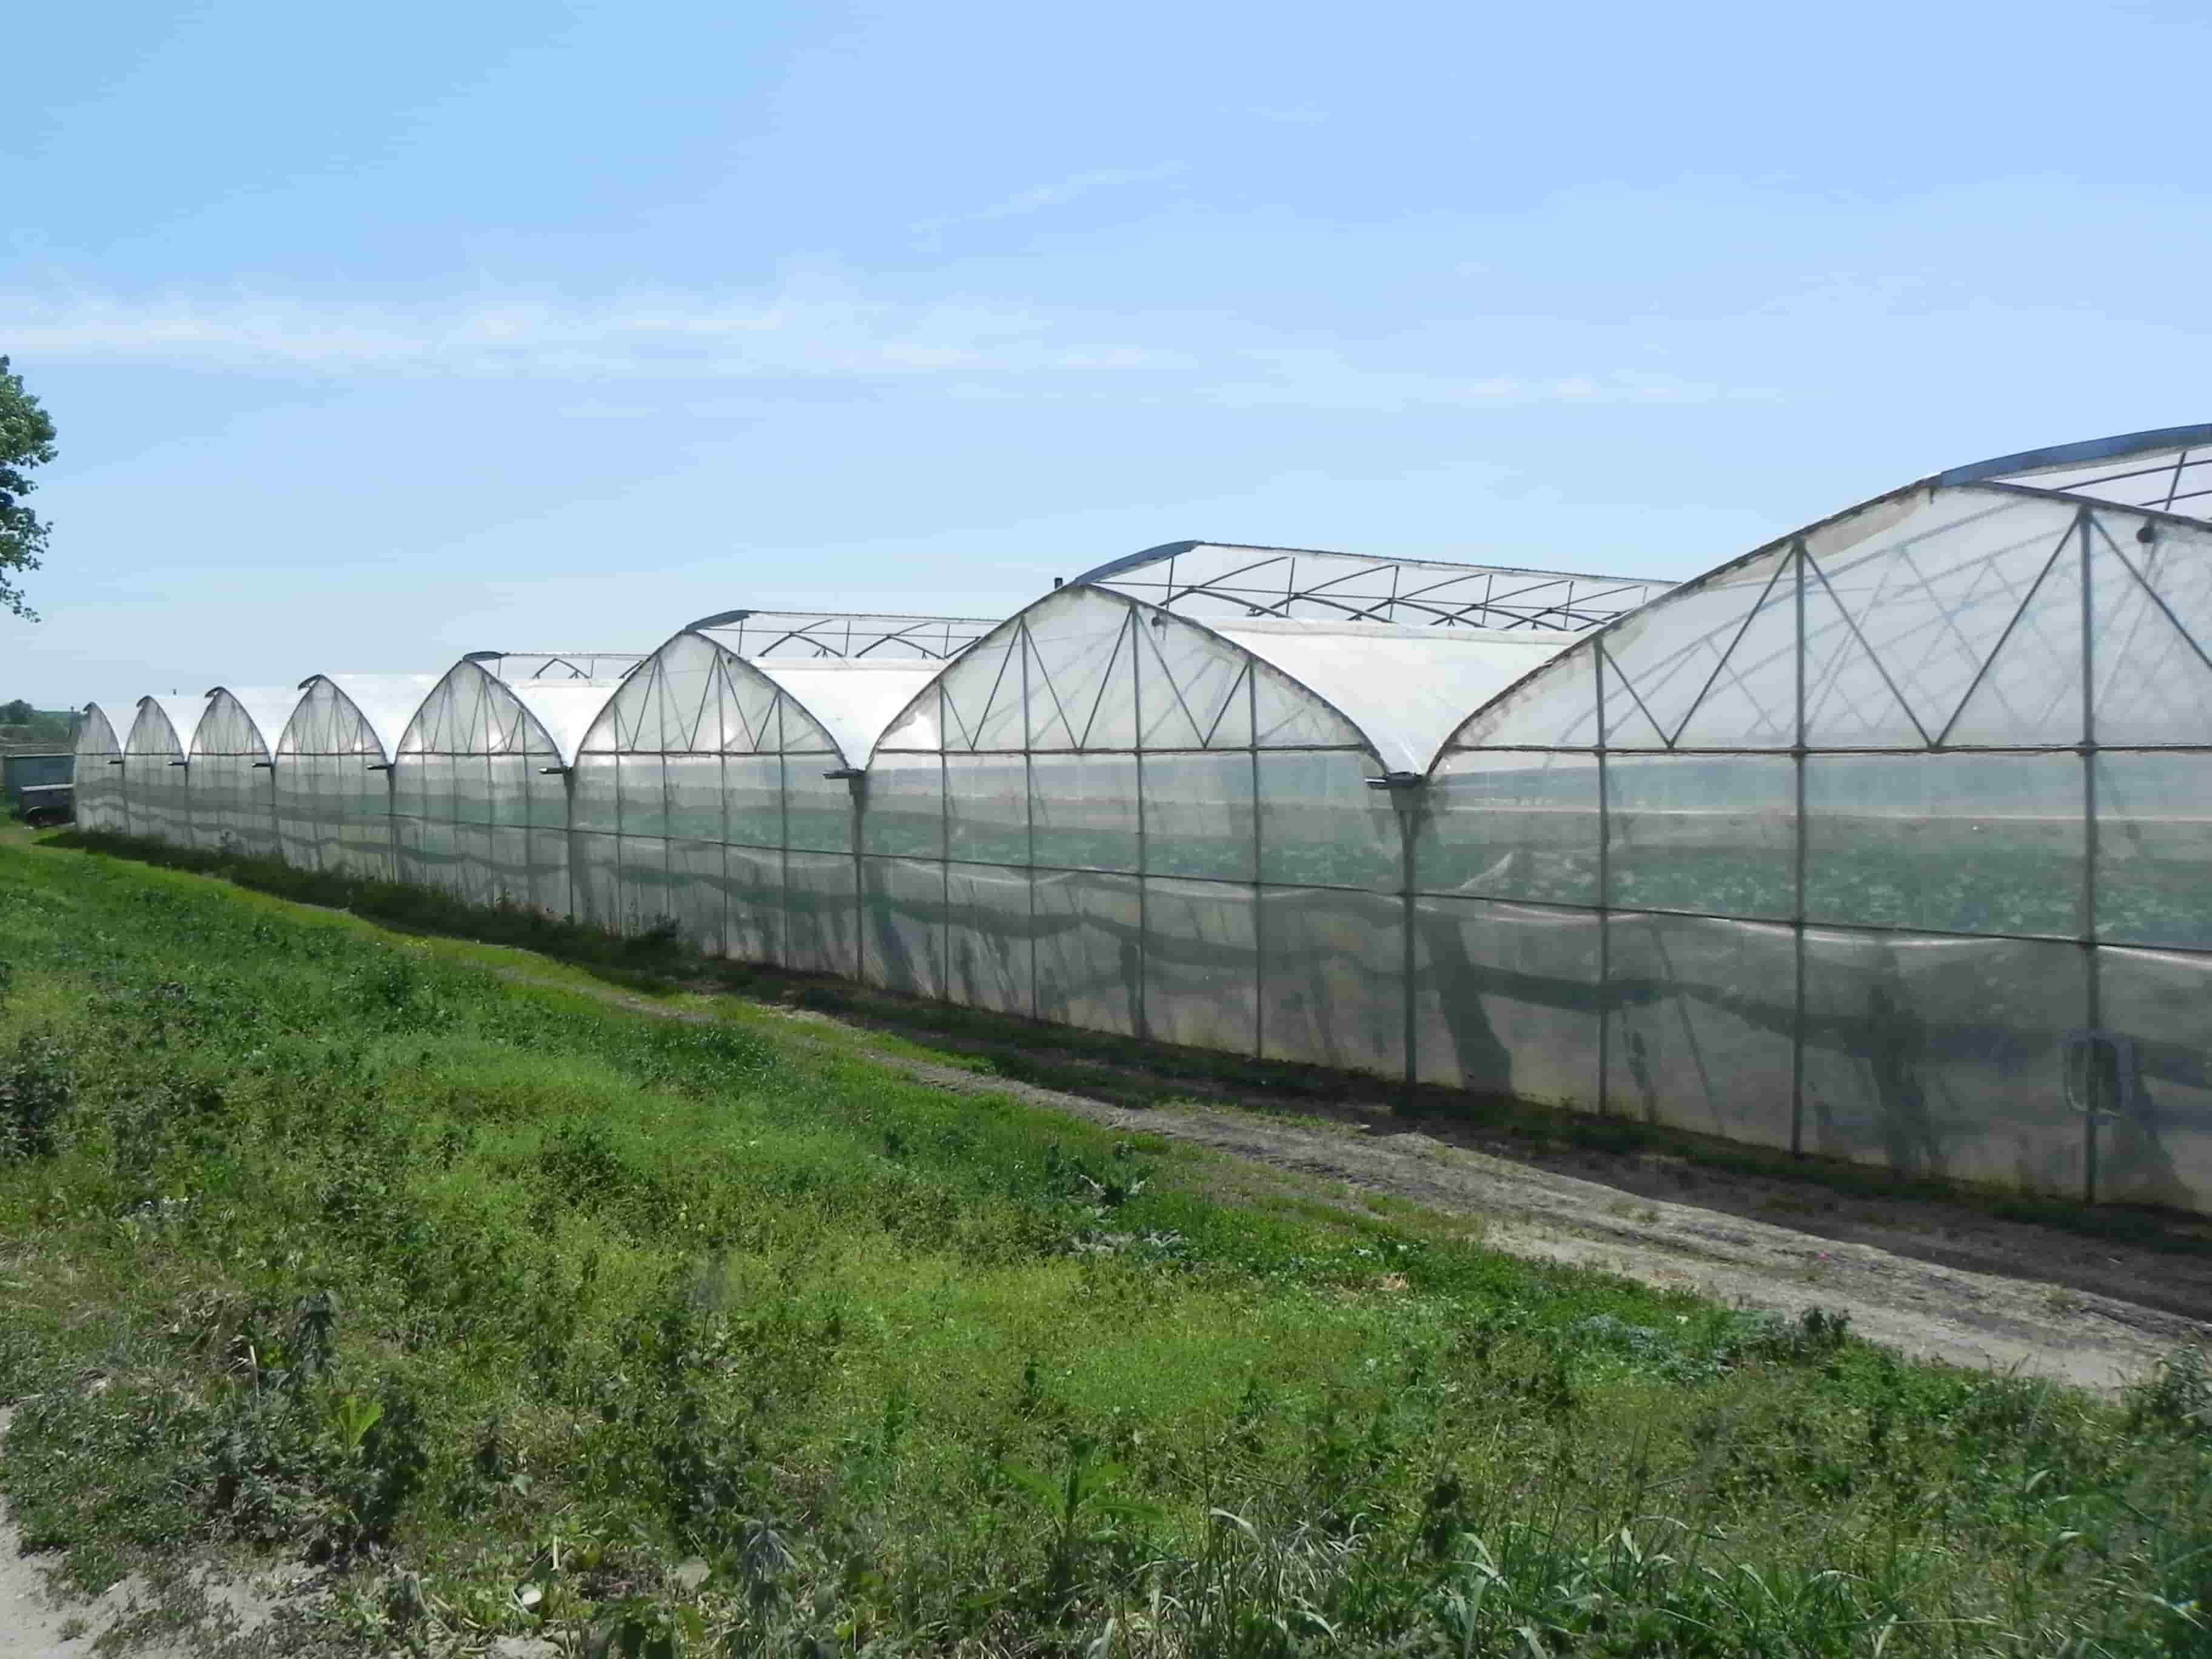 Carpas agrícolas para la producción industrial.